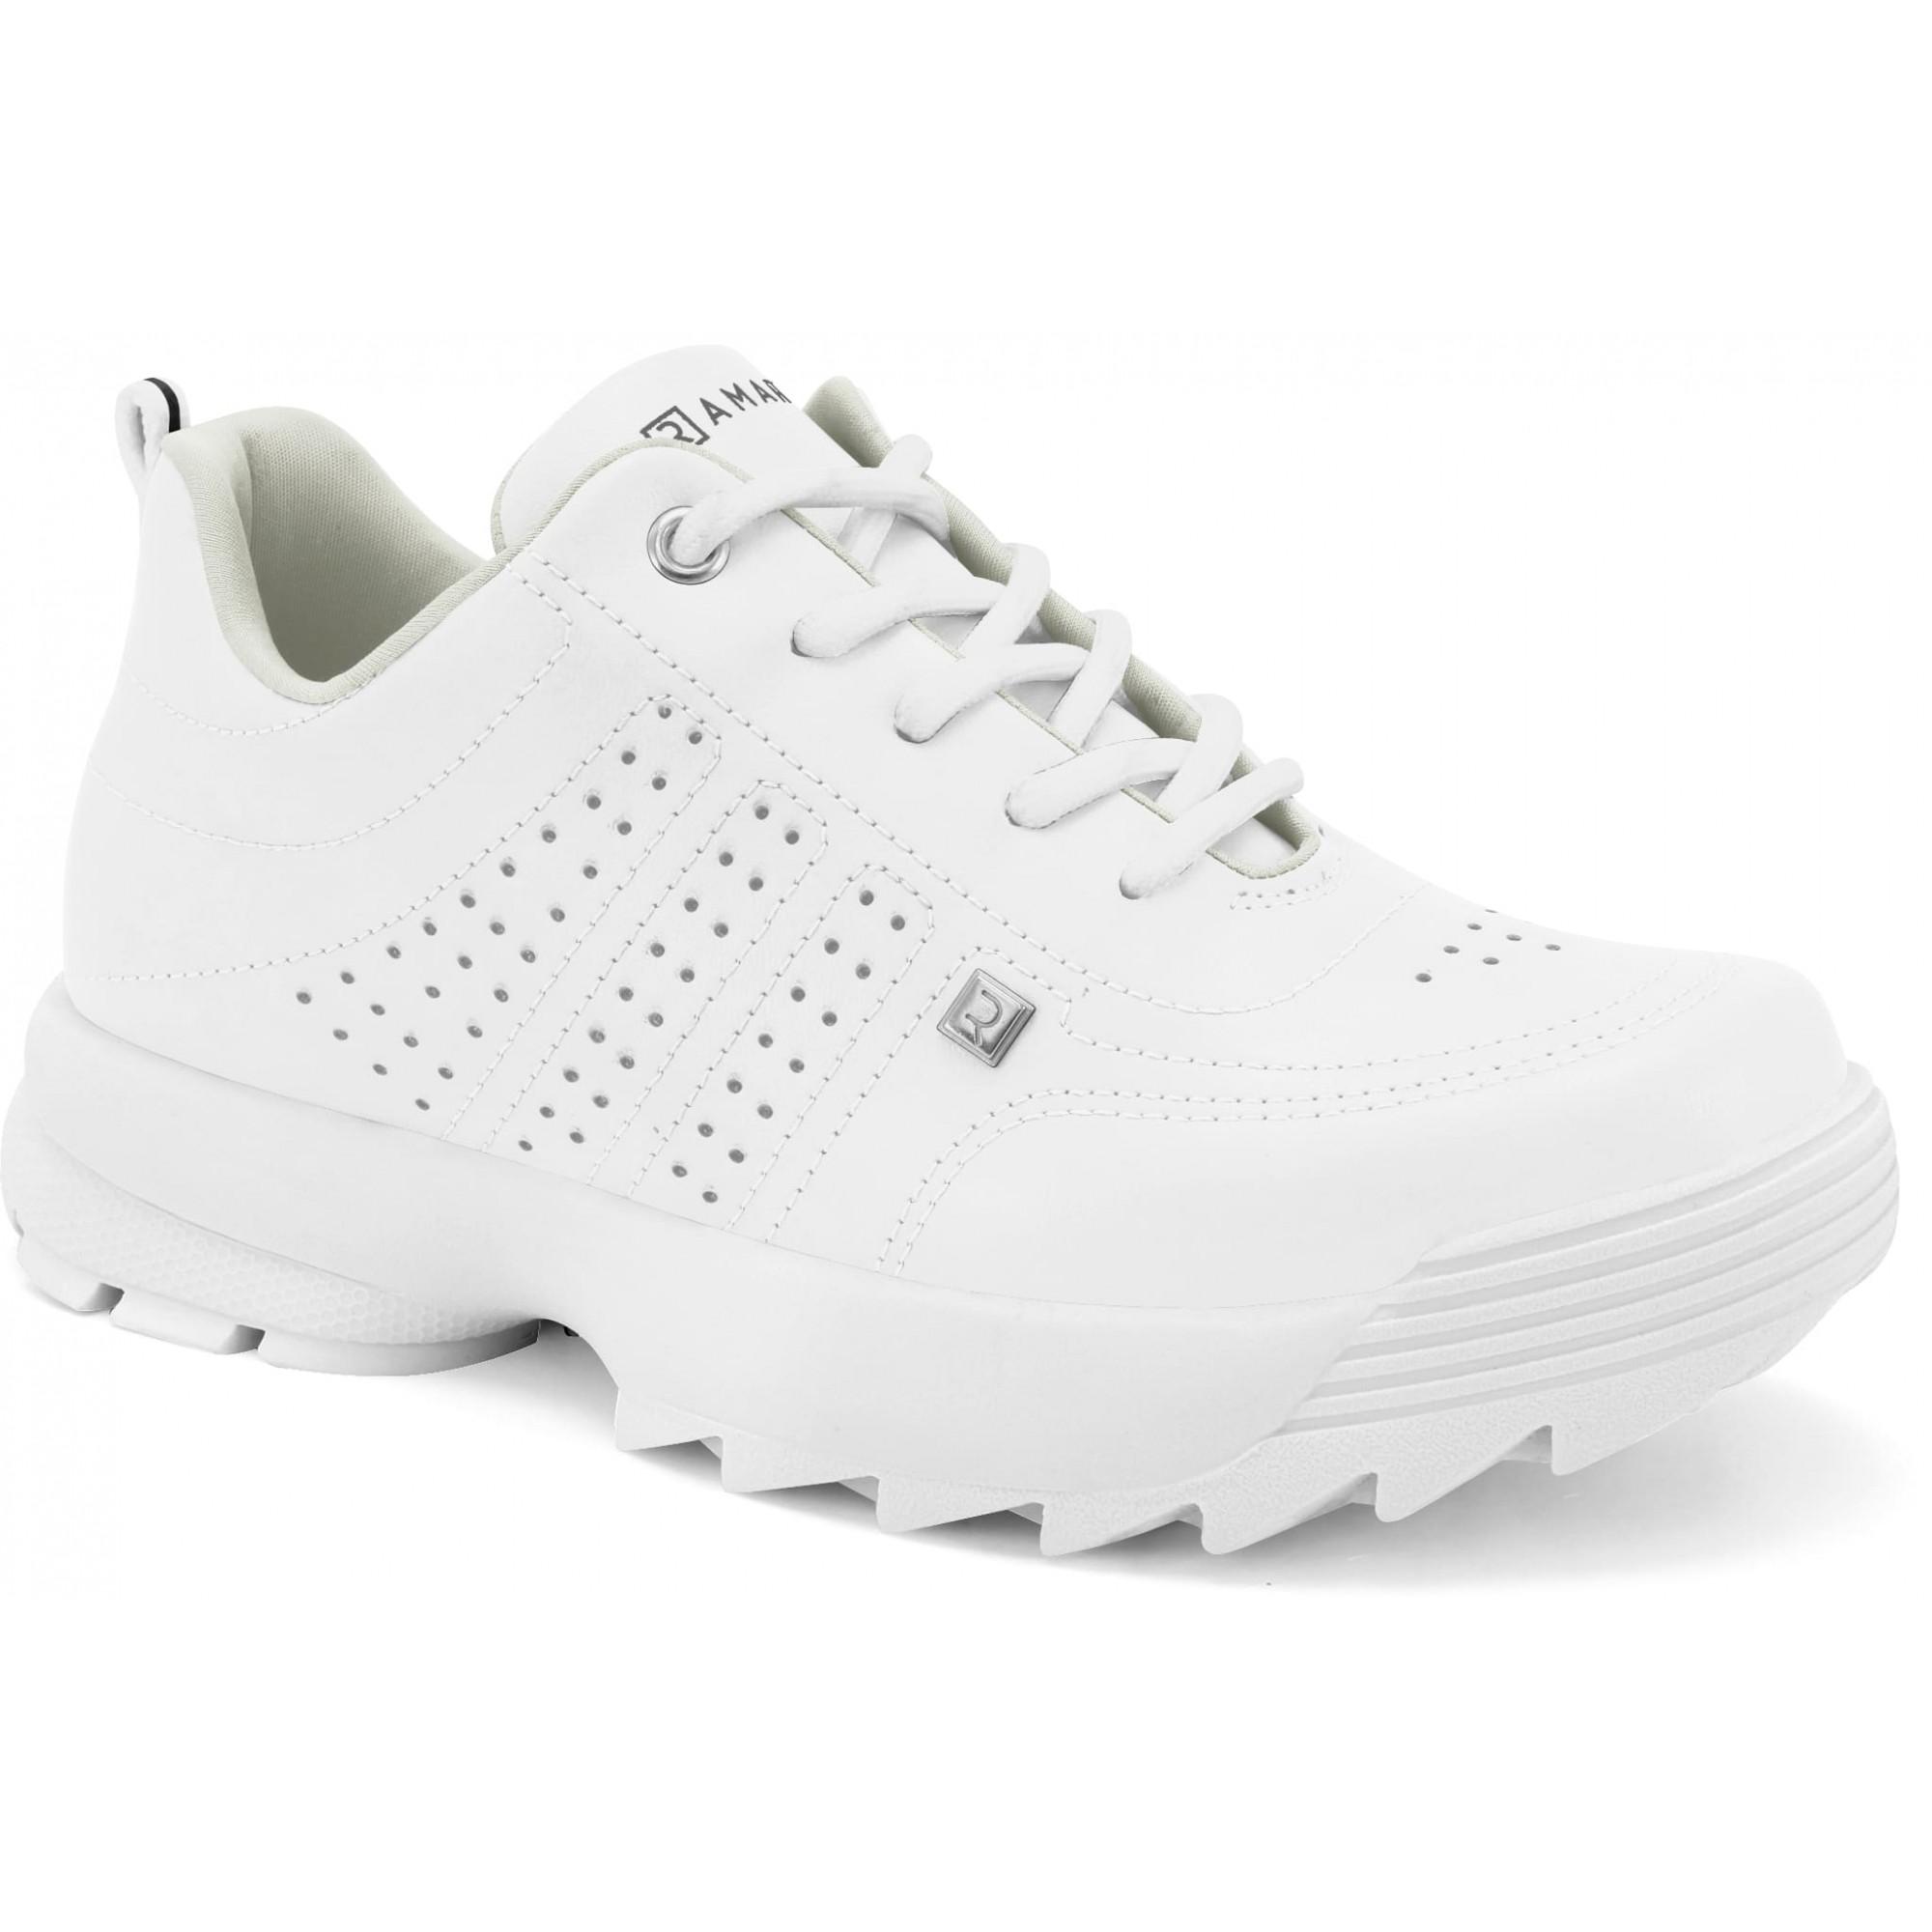 Tênis Ramarim Sneaker Feminino Tratorado - 20-75201